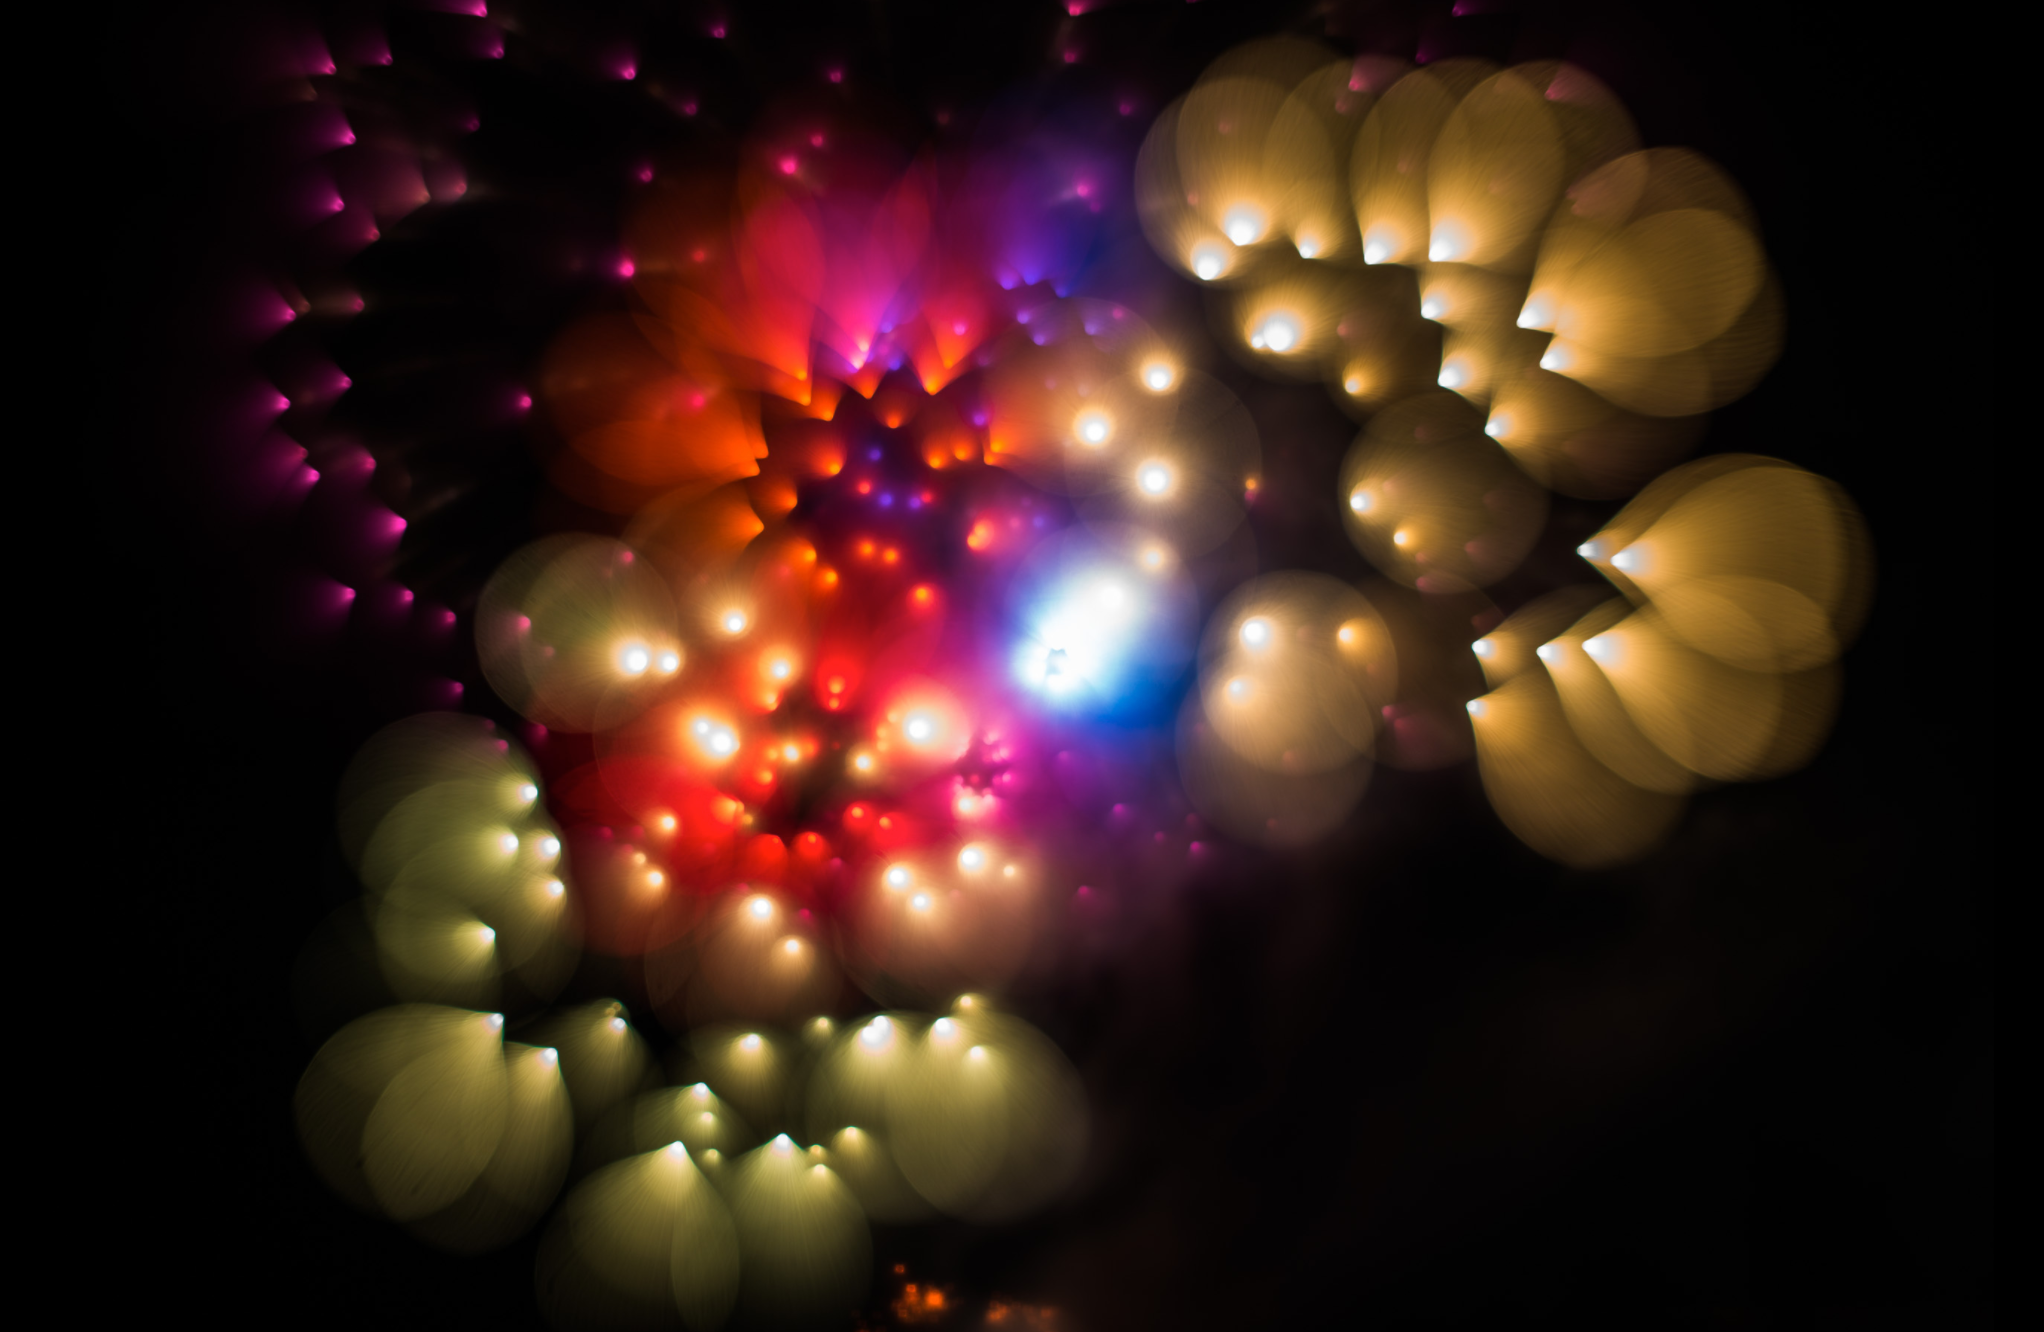 c697c152fc85 Konsten att ge bildkommentarer - Fotosidan